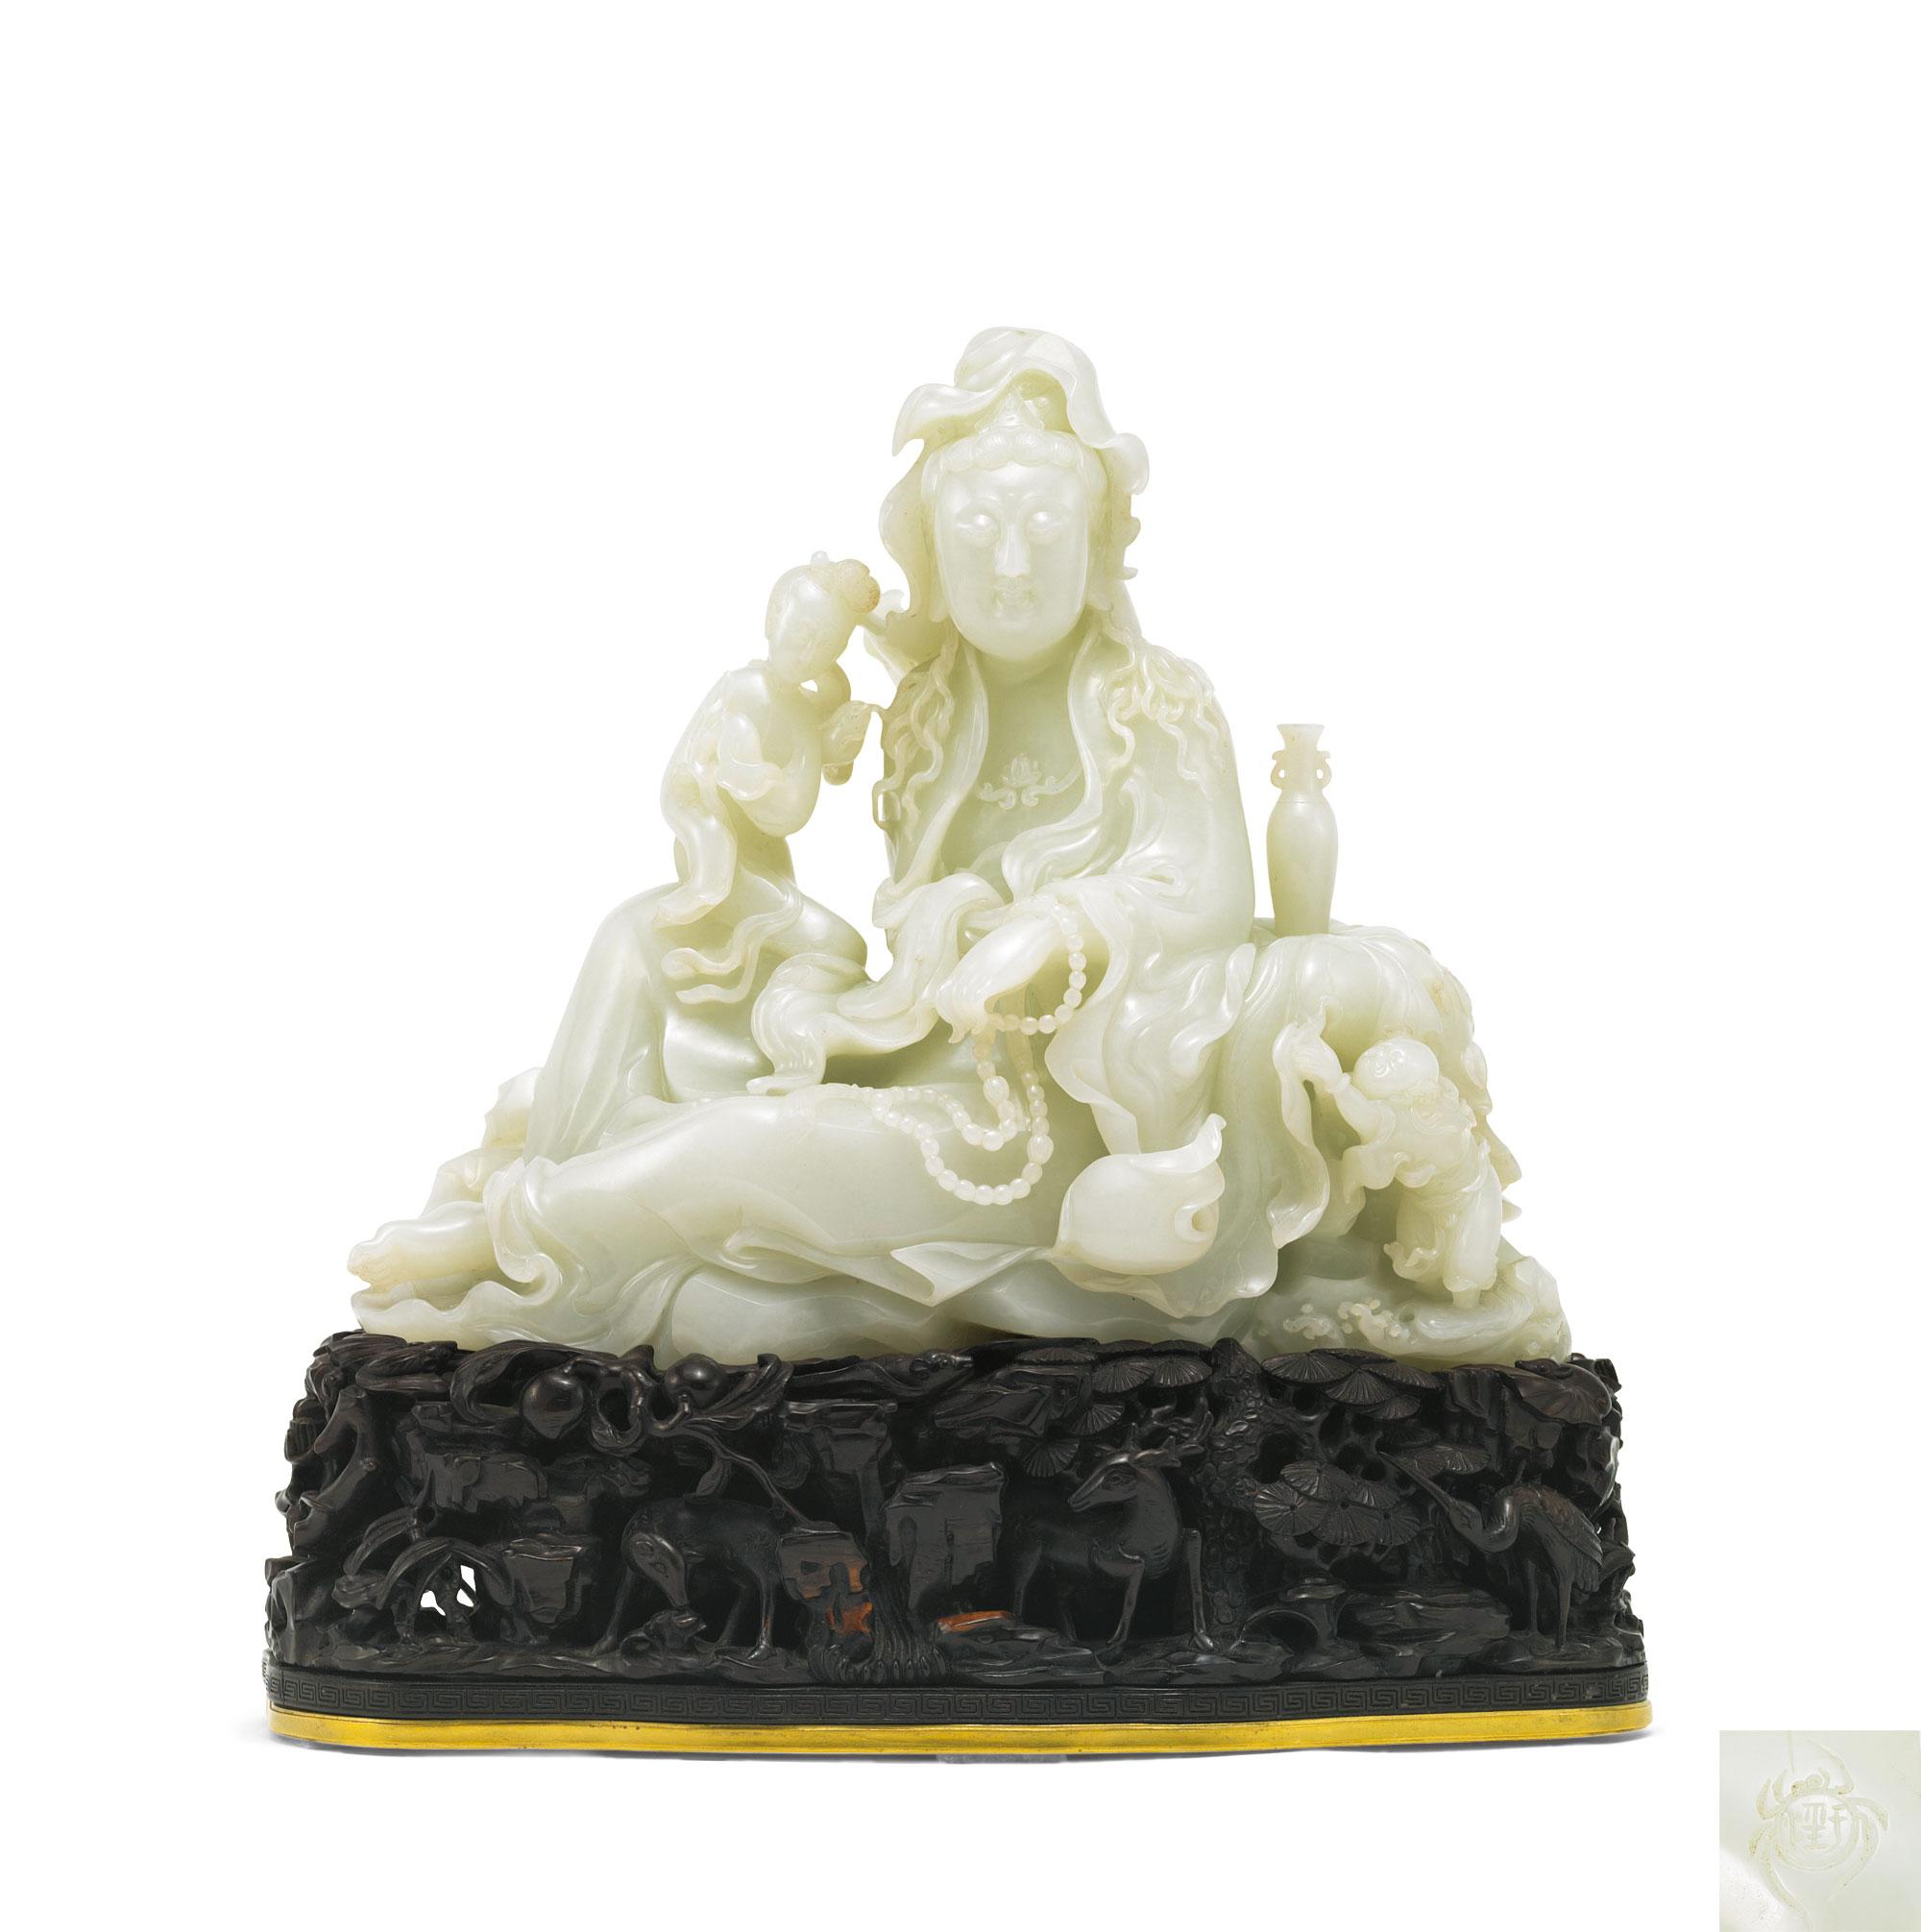 此外,当代玉雕大师于泾雕童子观音坐像以3220万元成交,一尊高50厘米的